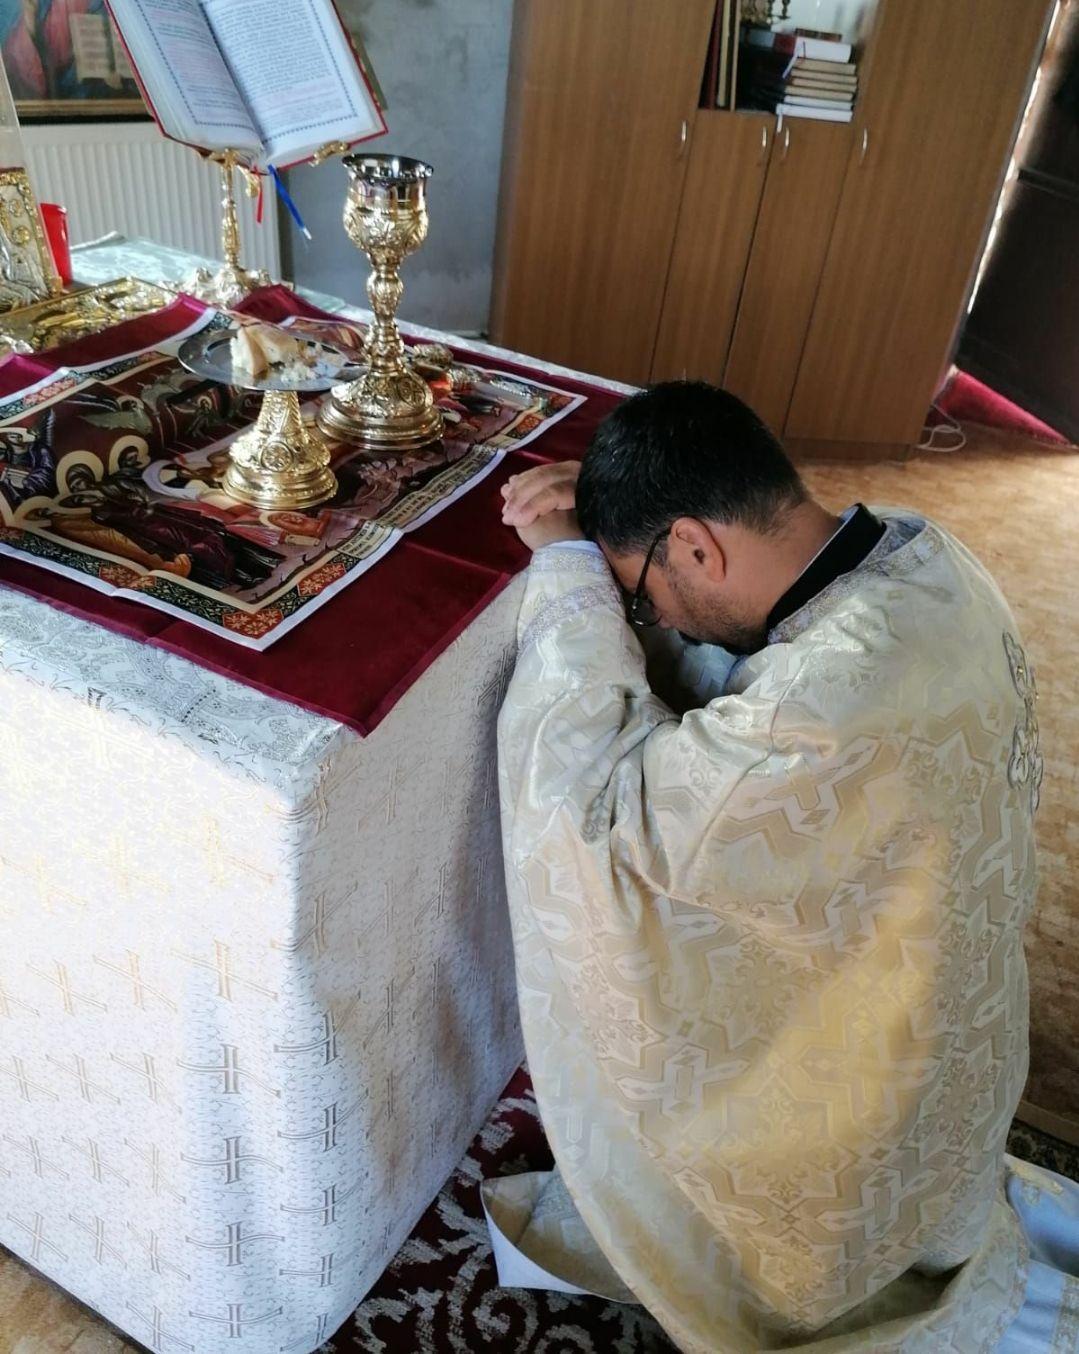 Preotul mai întâi trebuie să se roage pentru sine